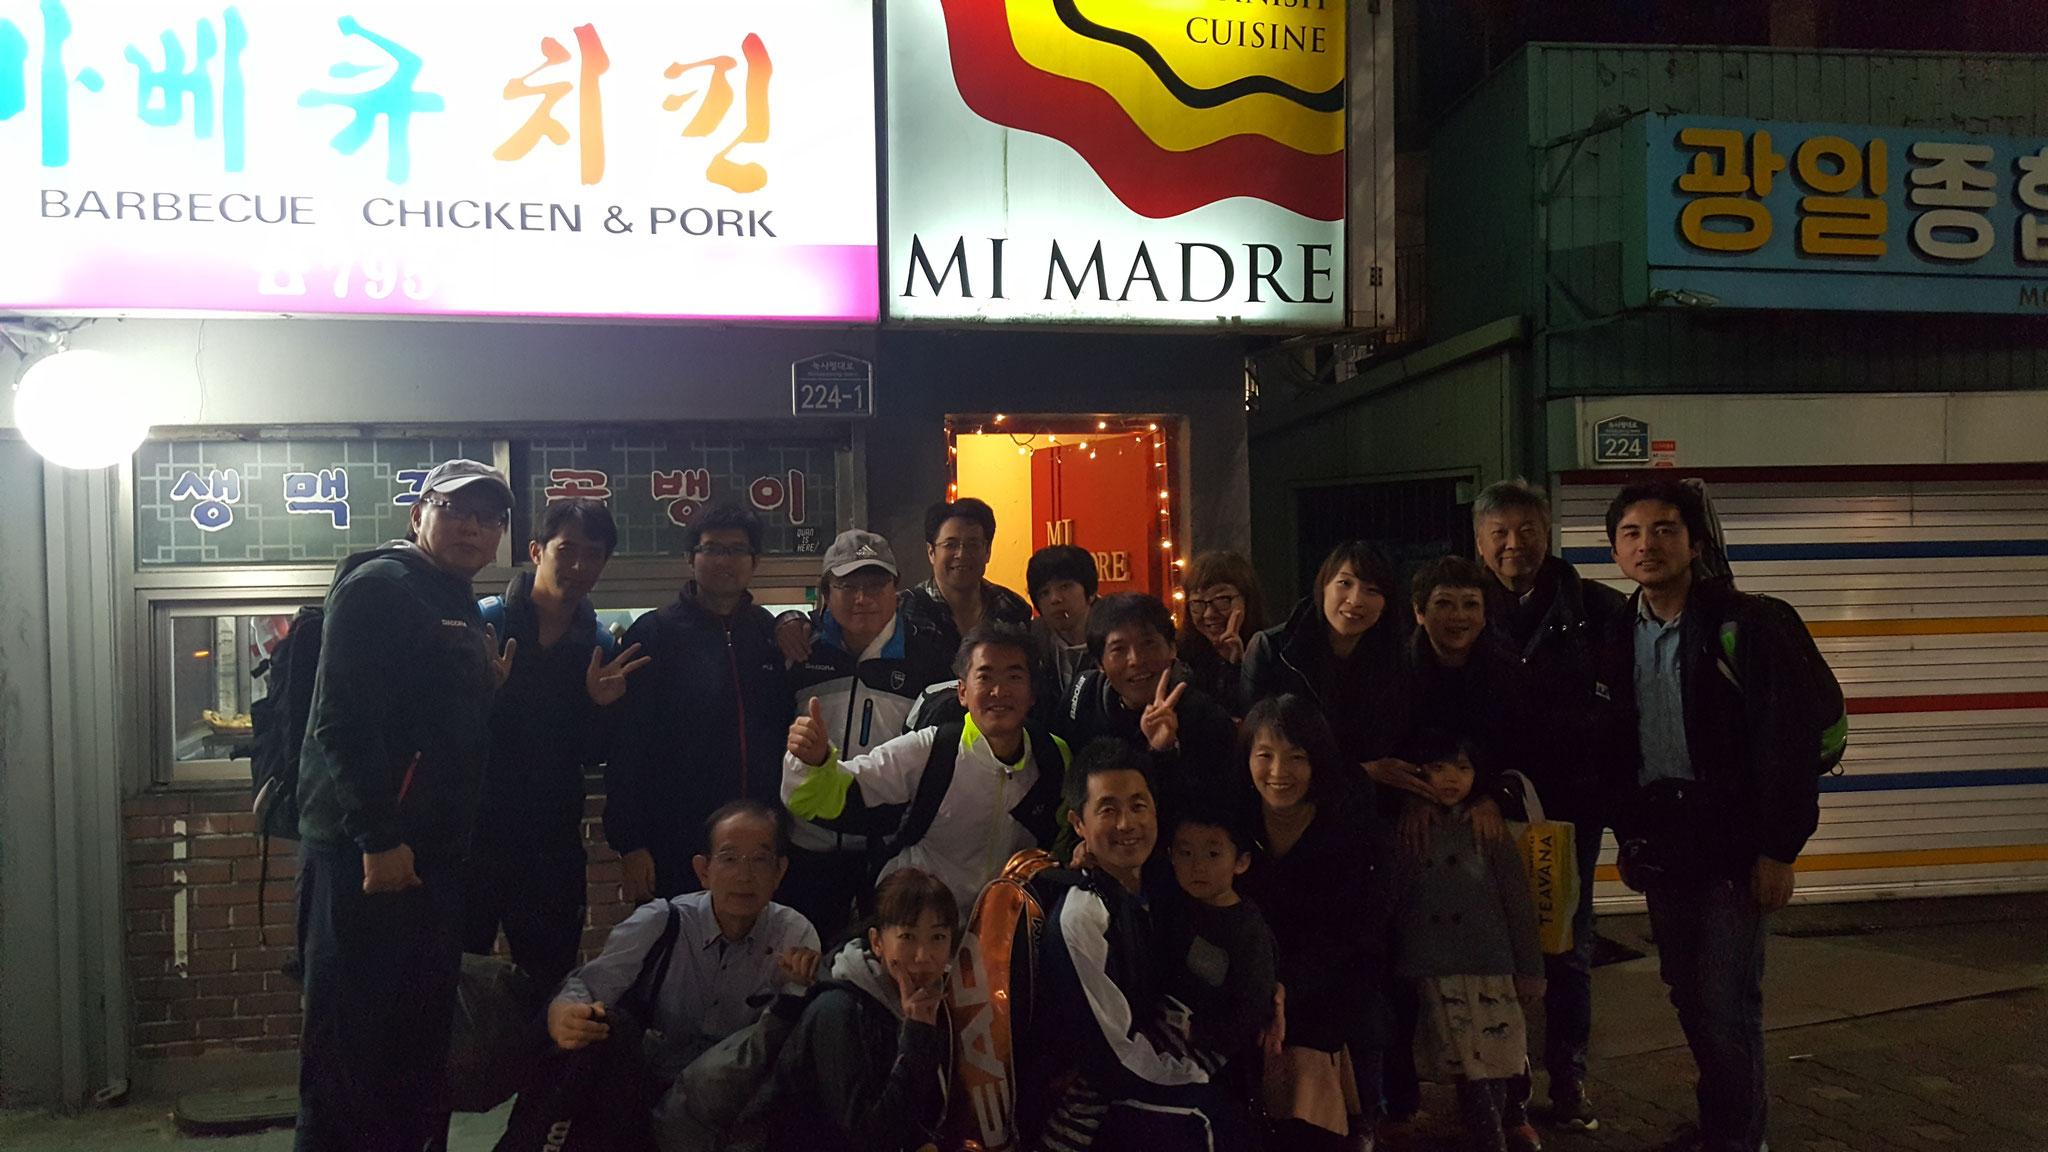 2018年3月 歓送会に来れなかった方の歓送会@MI MADRE(経理団通り)